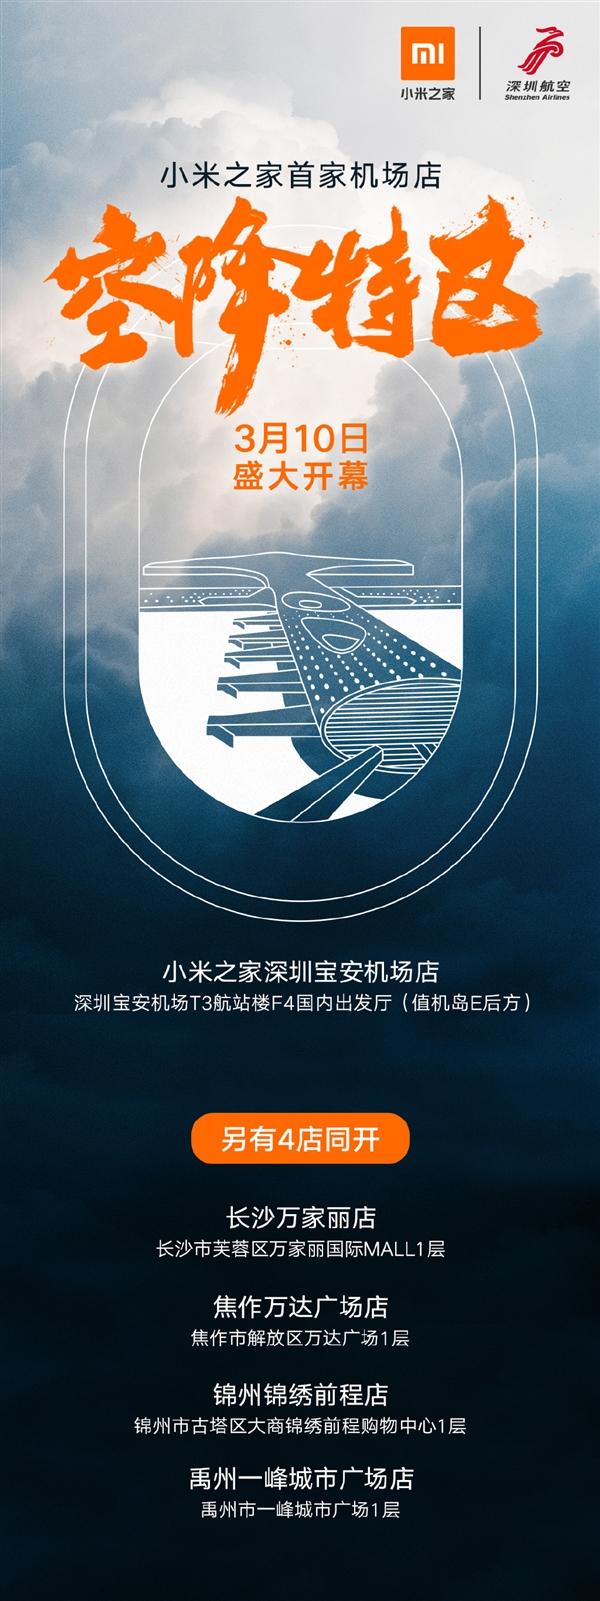 小米之家首家机场店来了:3月10日开业